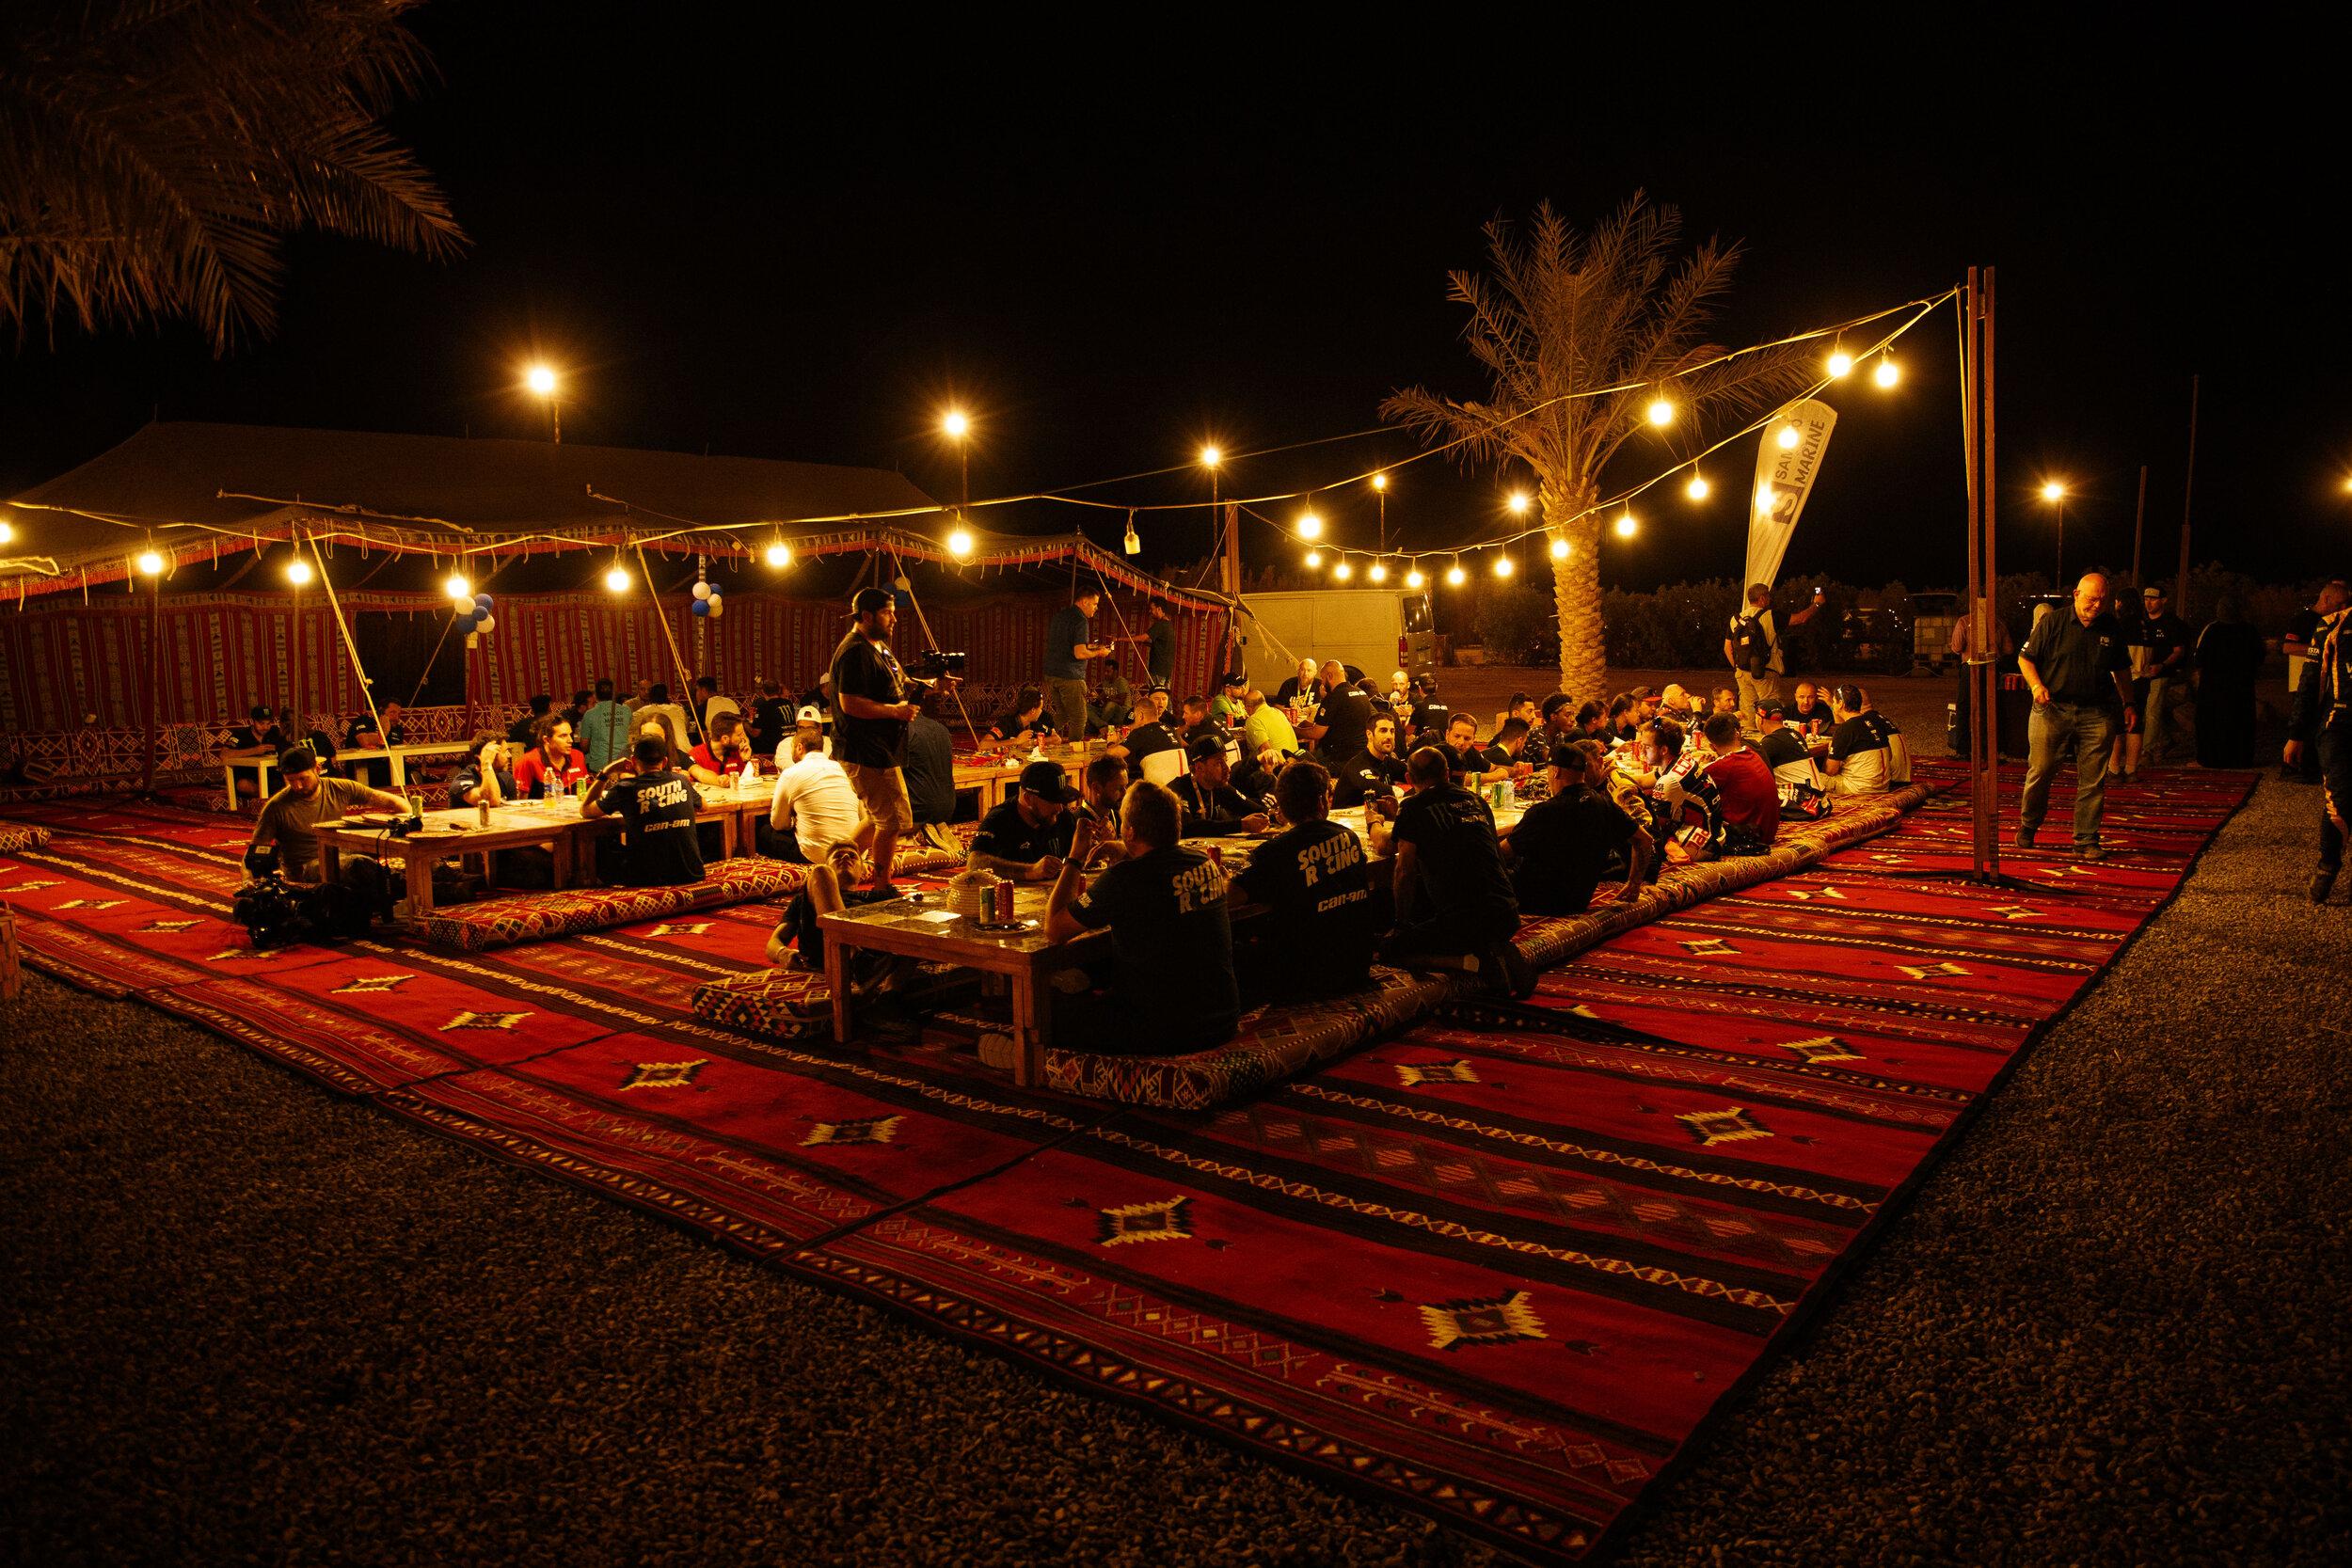 1_2_CaseyCurrie_Dakar2020_Shakedown_Jeddah_SaudiArabia_FullSize_041.jpg